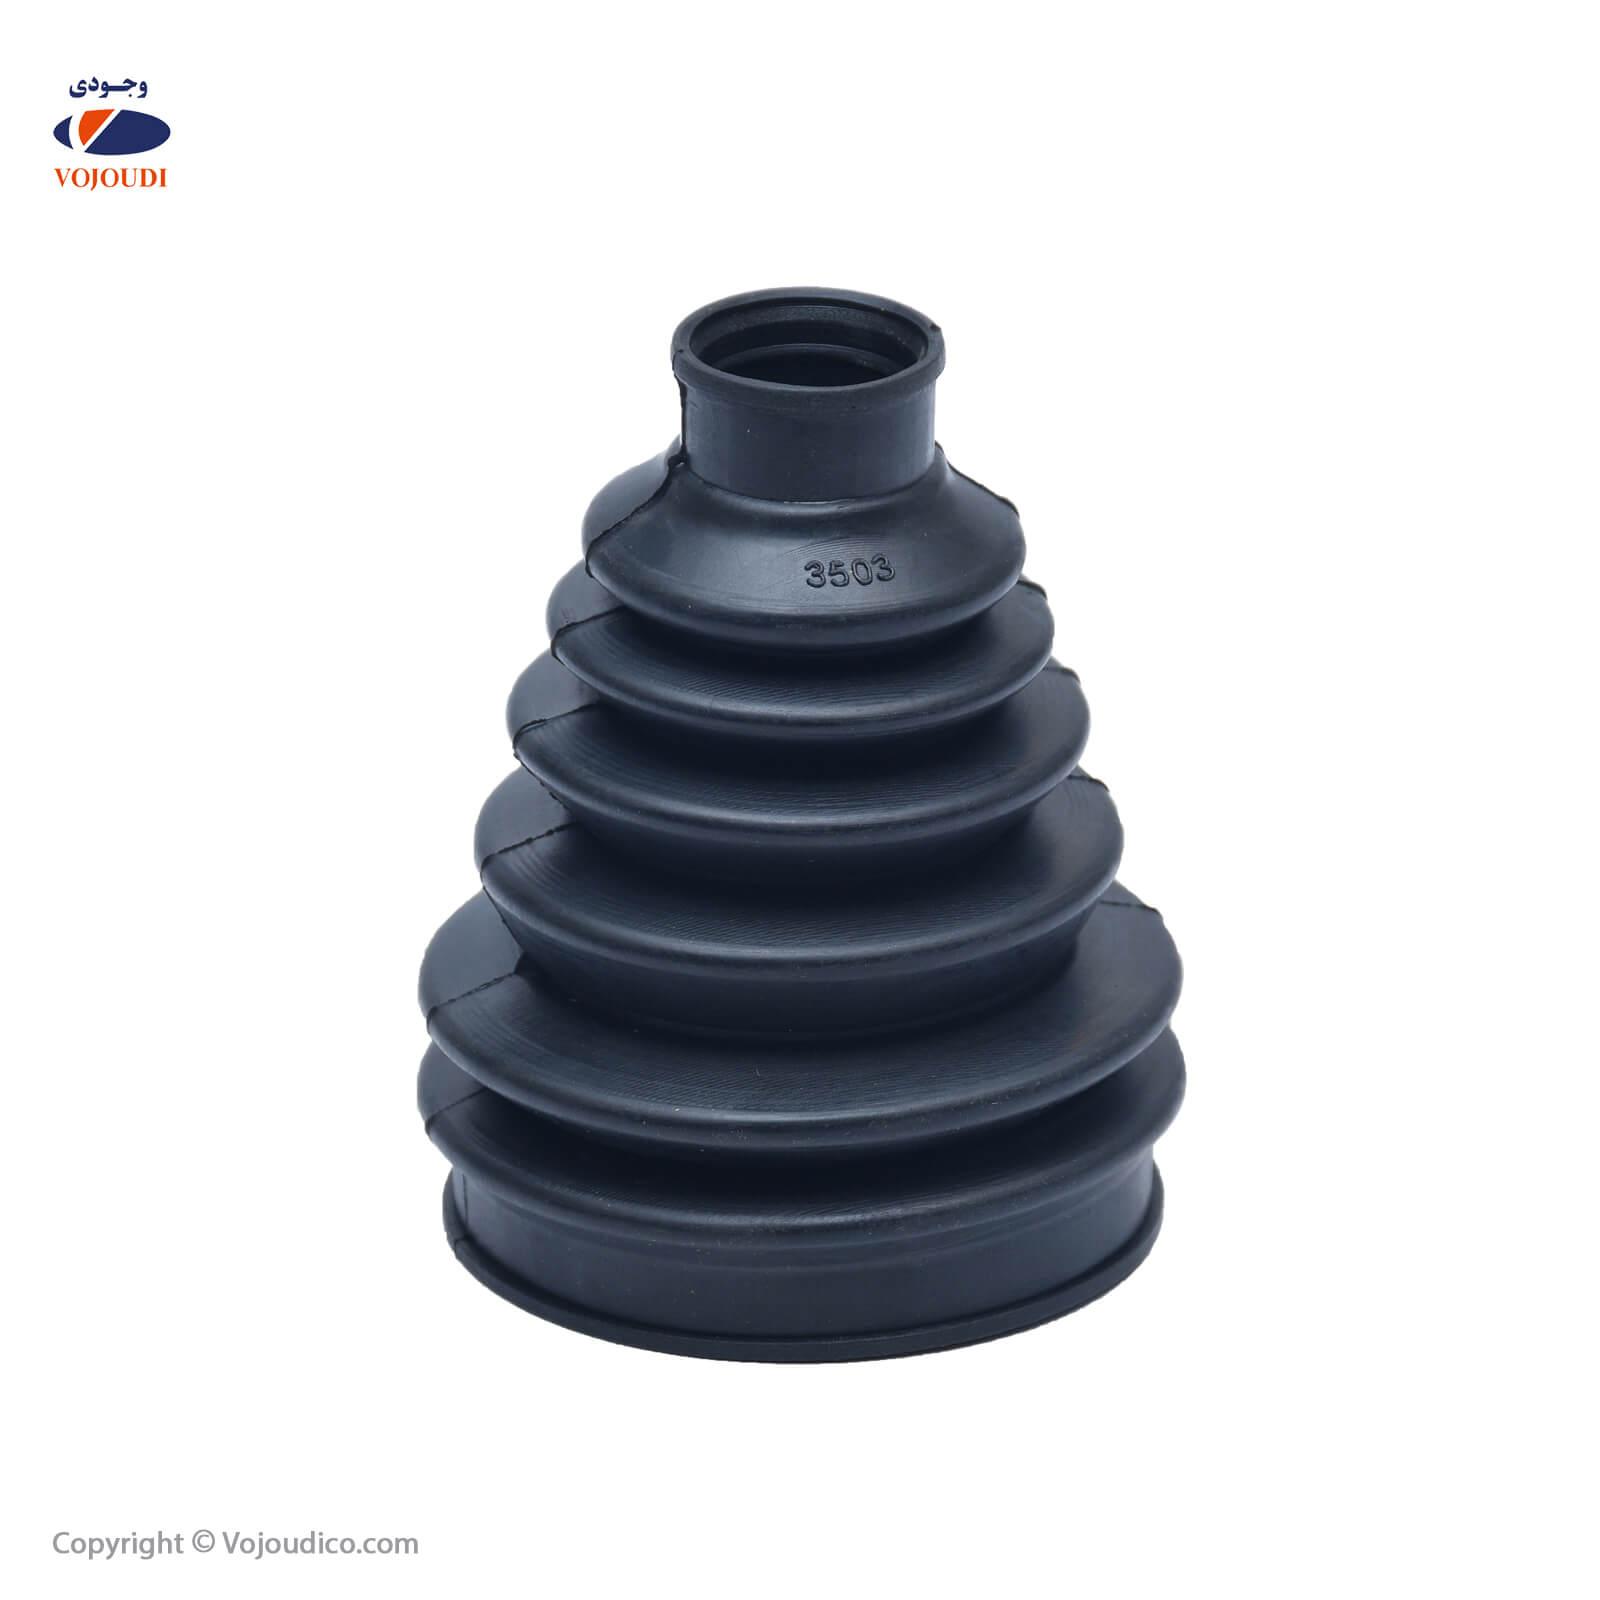 3503 1 - گردگیر پلوس پشت چرخ وجودی کد 3503 مناسب برای مگان ، تعداد بسته : 20 عدد